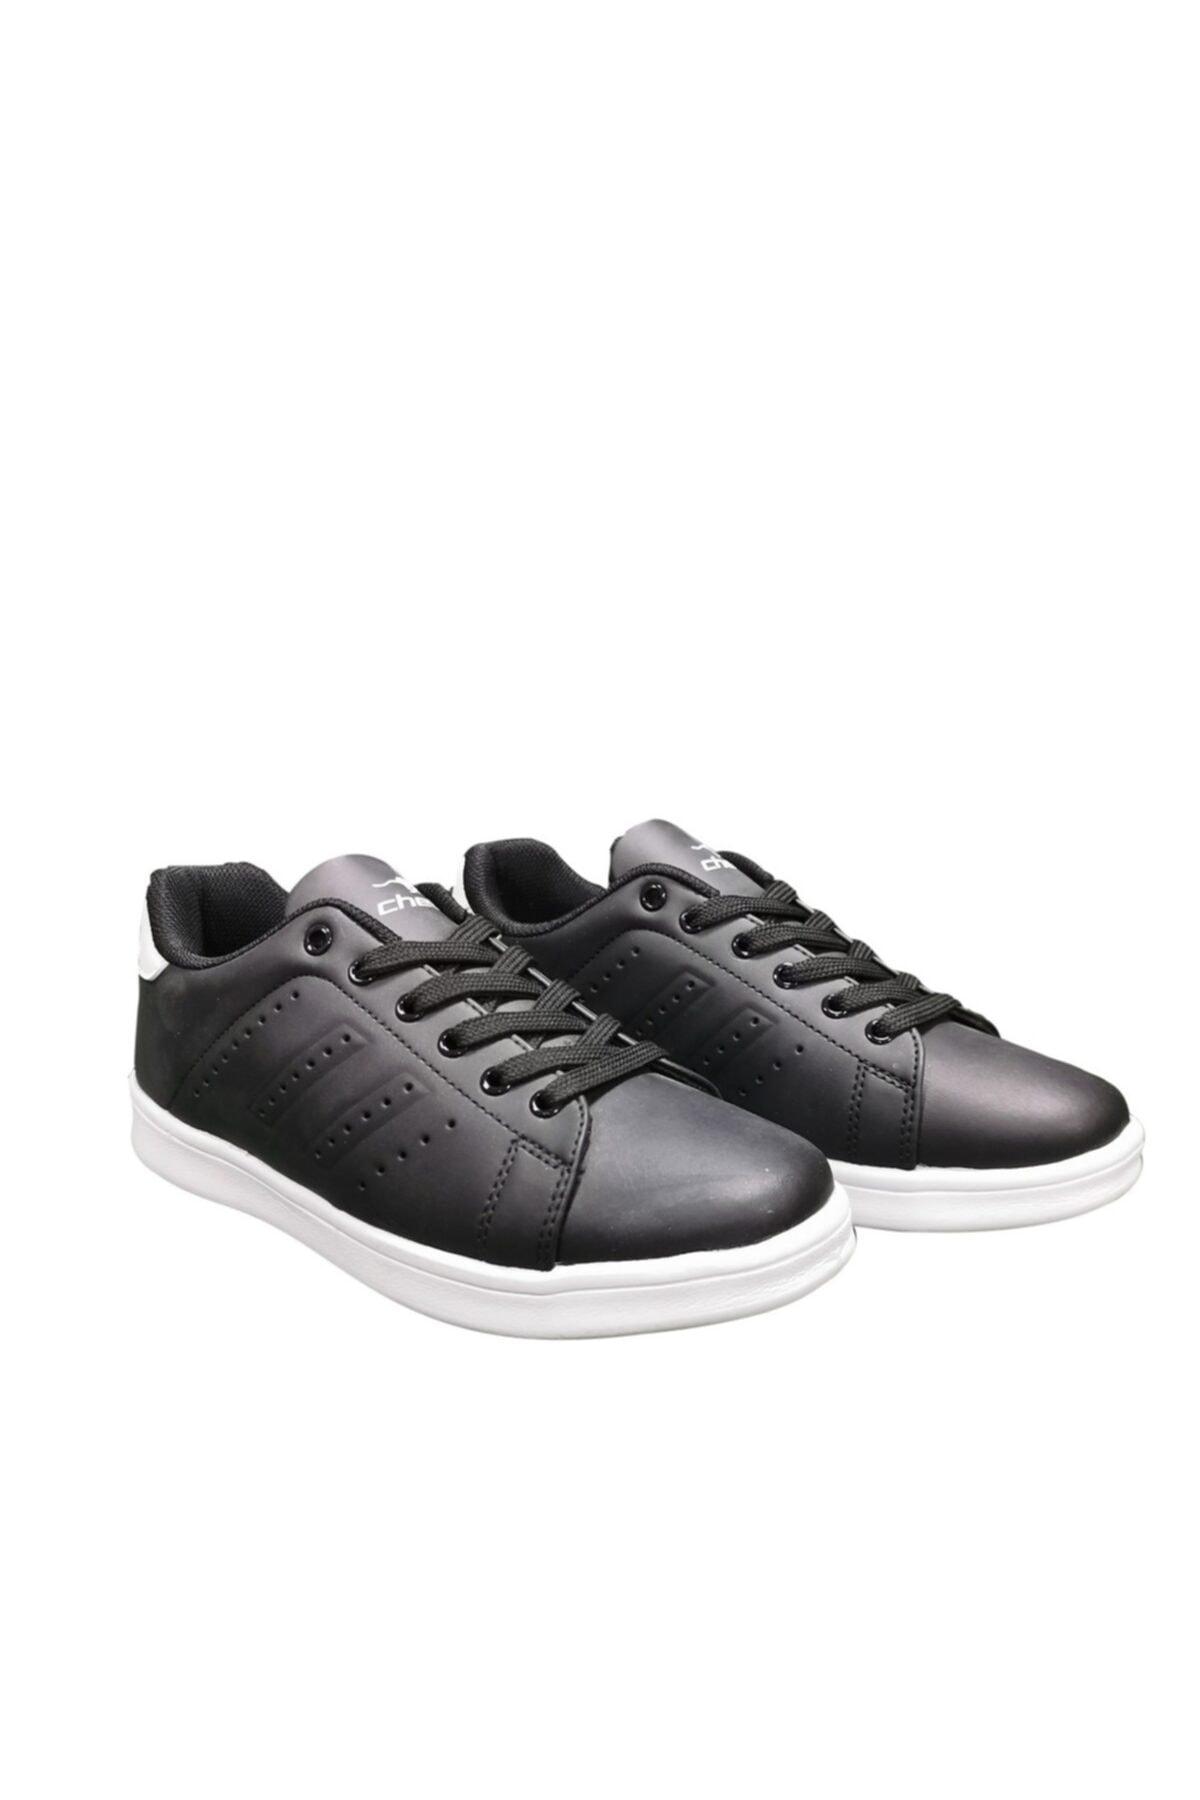 Cheta Siyah Beyaz Günlük Sneakers Spor Ayakkkabı Cht003 1